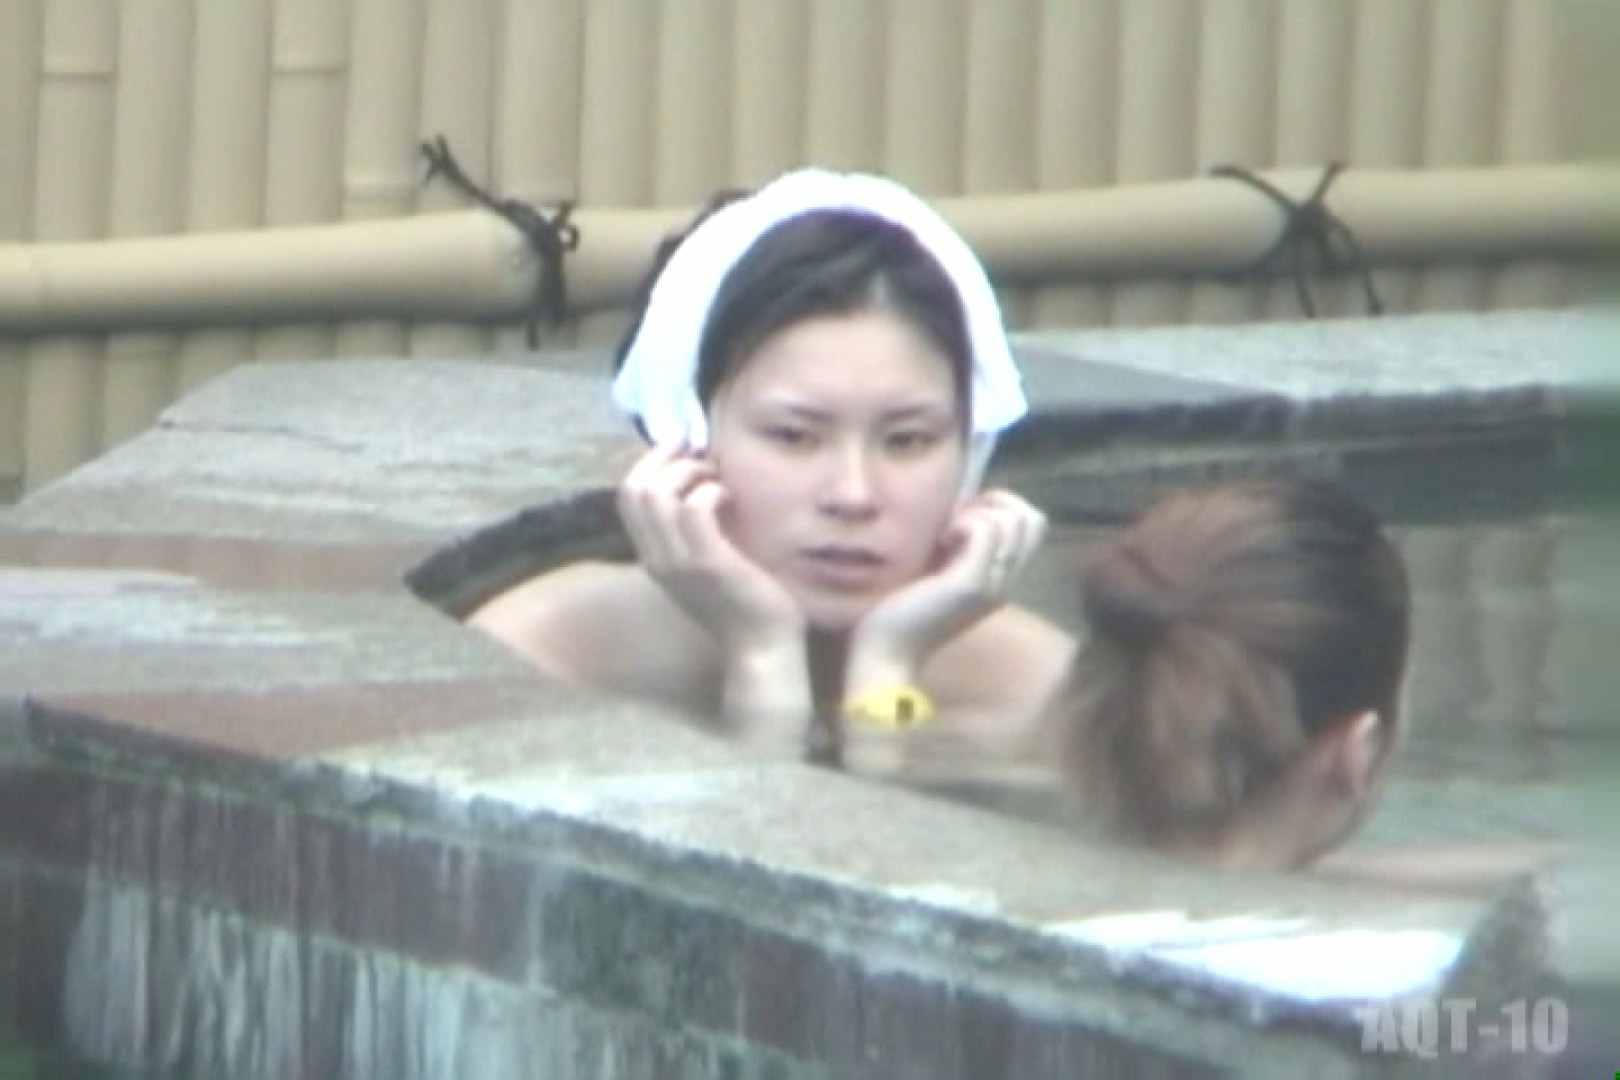 Aquaな露天風呂Vol.792 露天風呂  33連発 15